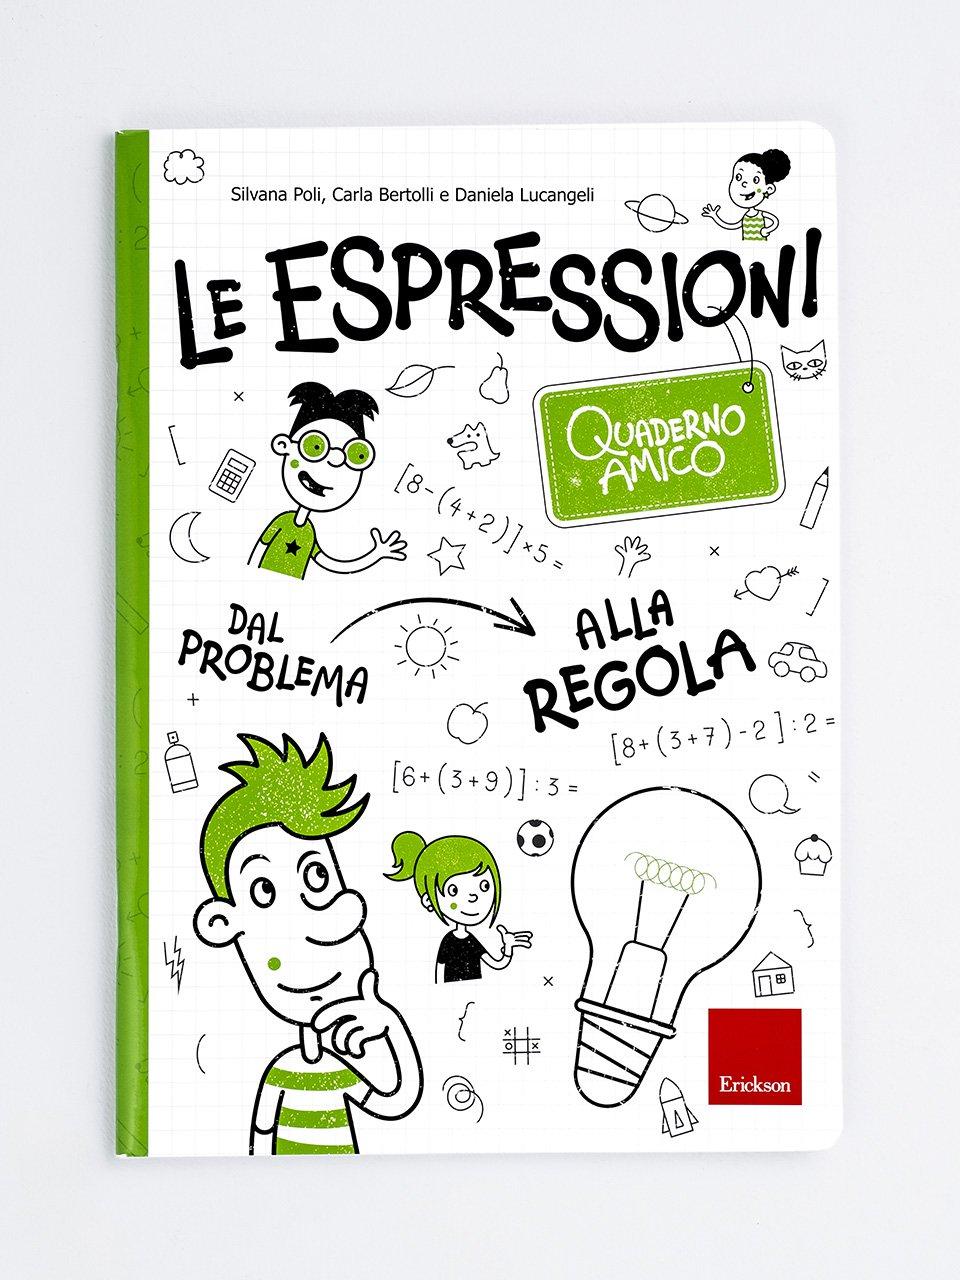 Quaderno amico - Le espressioni - Pronti per la matematica della scuola secondaria - Libri - Erickson